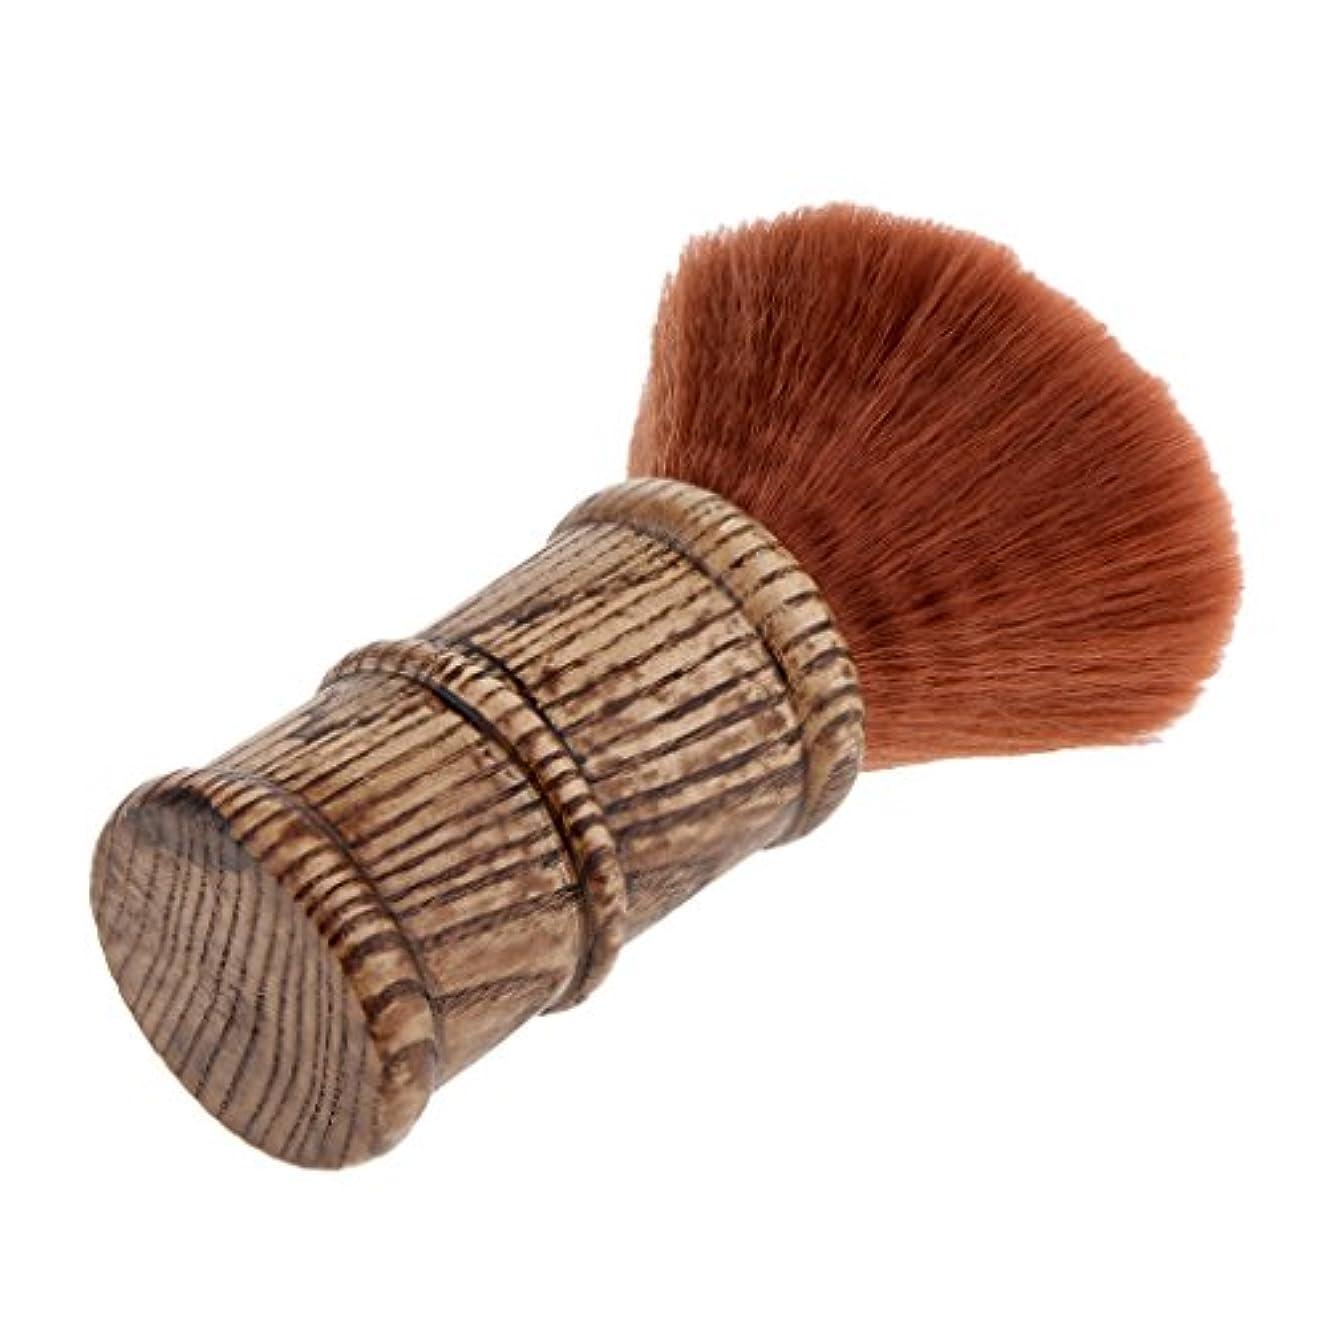 健康的合法取り付けヘアカット ブラシ ネックダスターブラシ 散髪ブラシ 柔らかい フェイスブラシ 2色選べる - 褐色